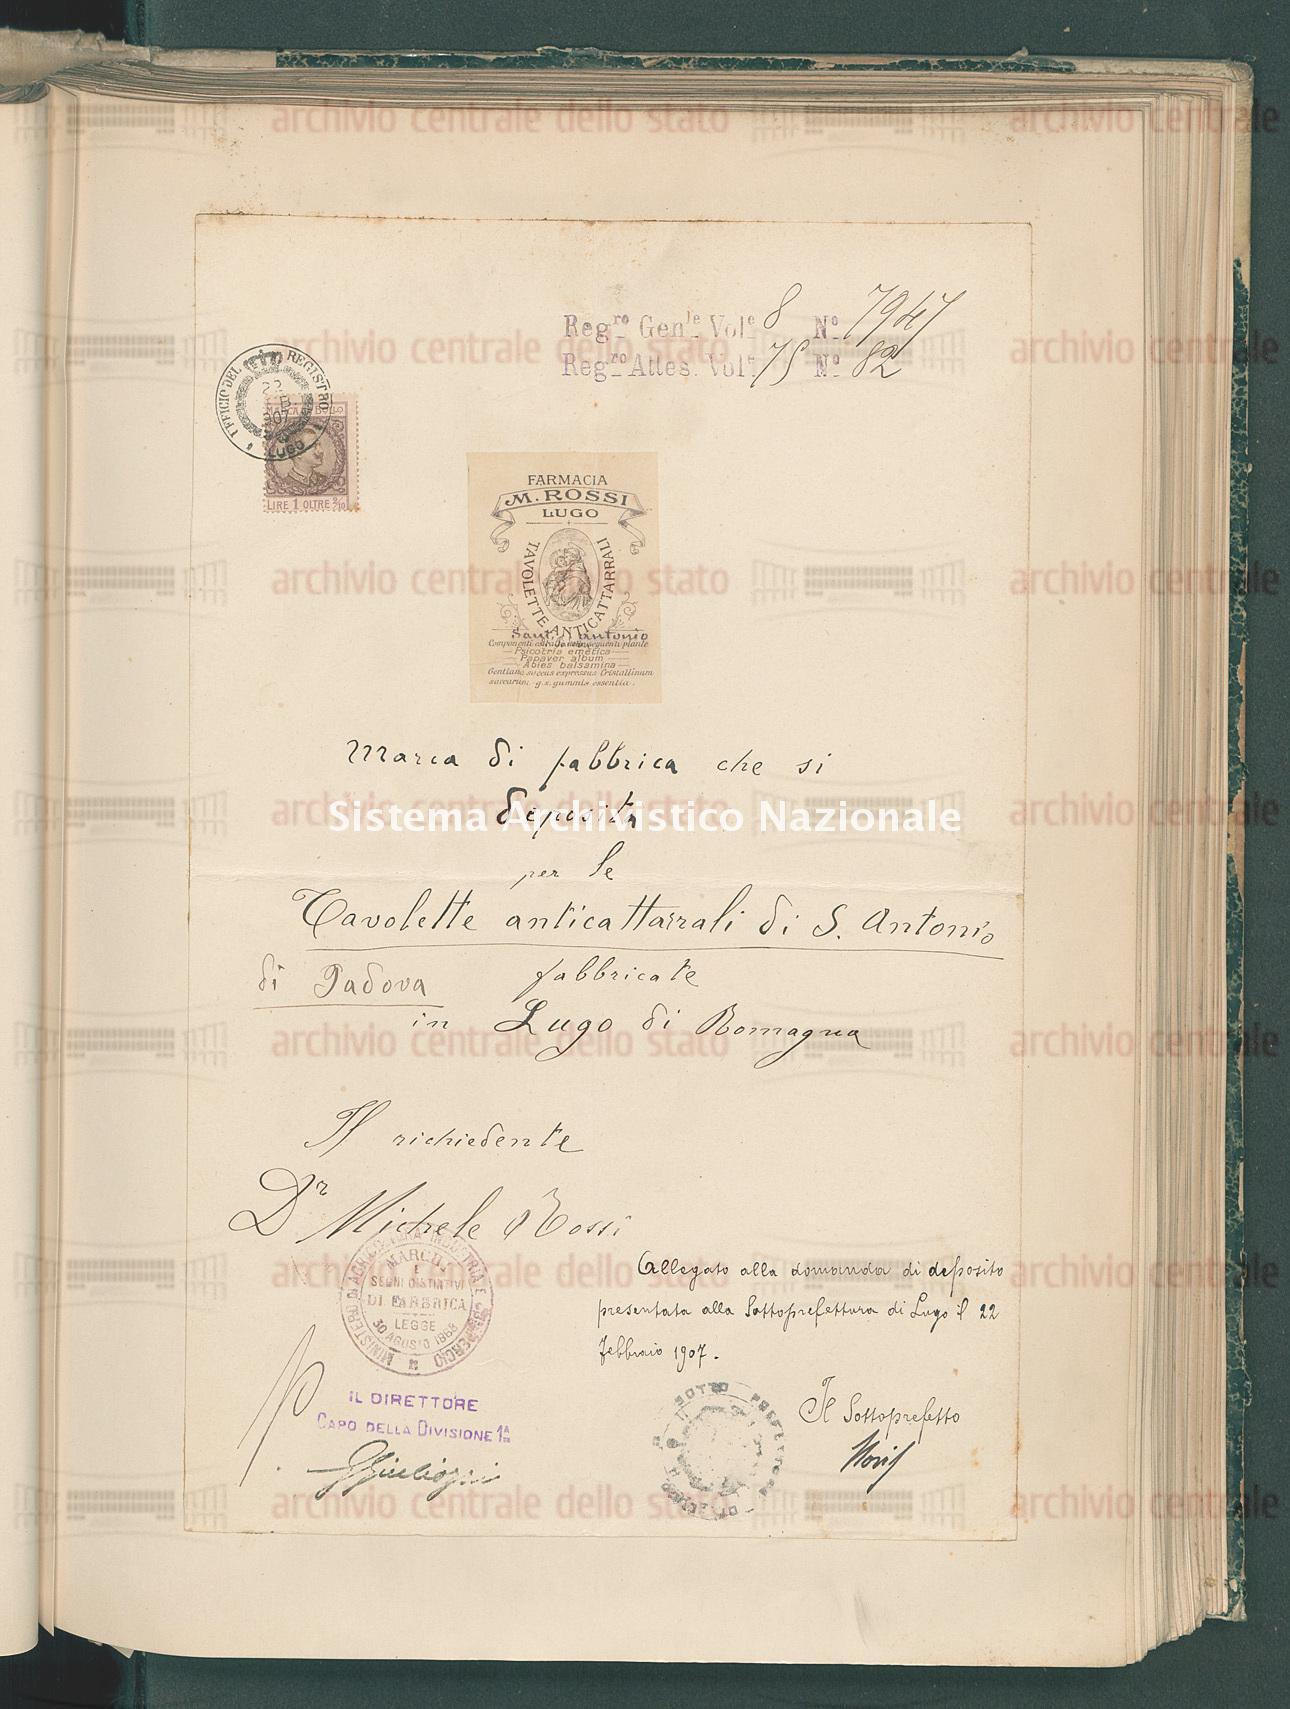 Attestato di trascrizione per marchio di fabbrica: Prodotto famaceutico... Rossi Michele Di Valentino (28/06/1907)